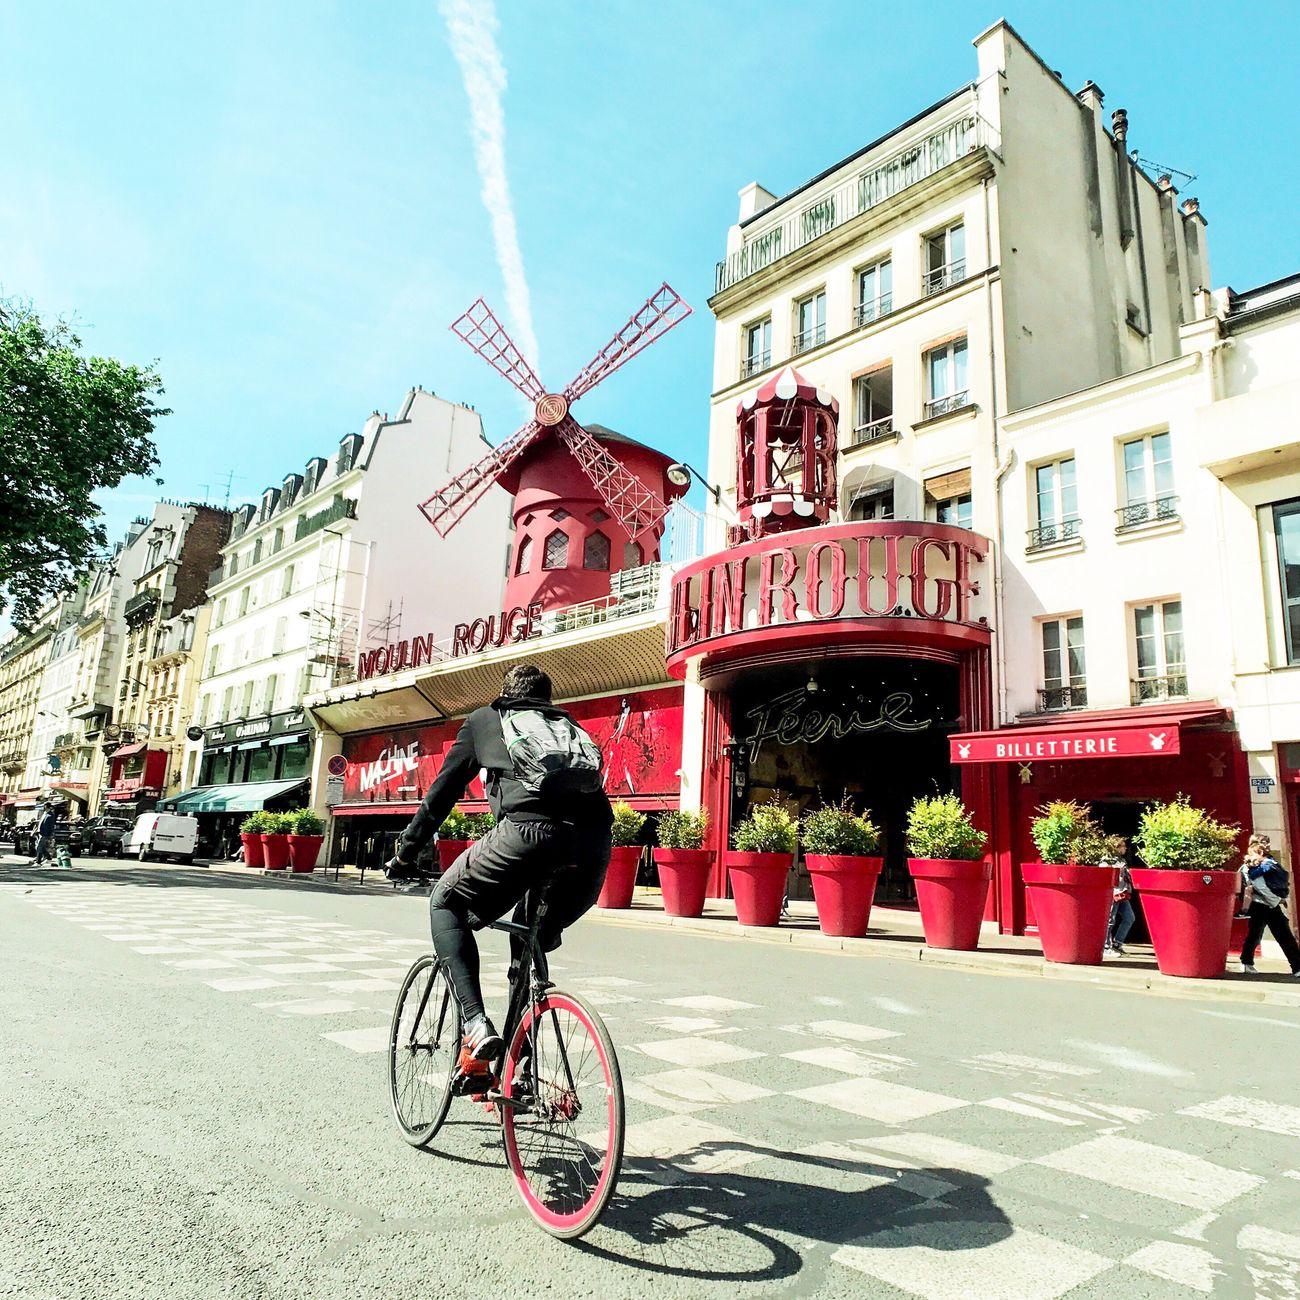 Good Evening Paris! Bonsoir Paris Bicycle Architecture EyeEm Best Shots Parisweloveyou Photooftheday Paris Travel Destinations Paris ❤ Eyem Best Shot - Architecture Moulin Rouge Moulin